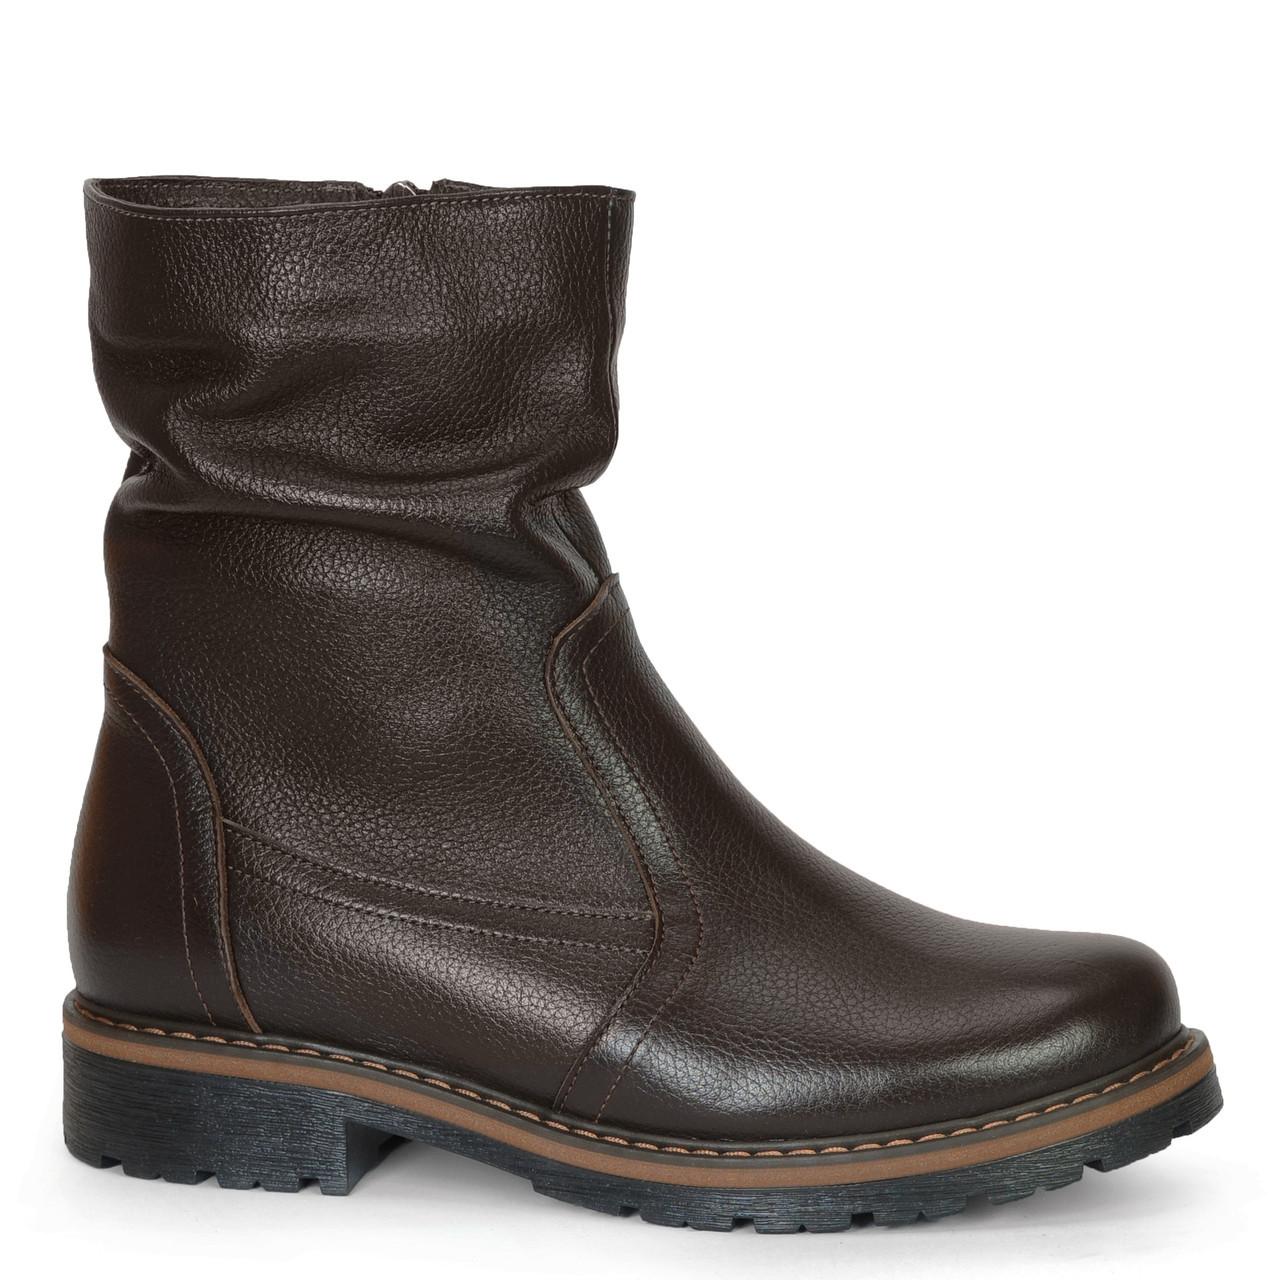 Женские кожаные замшевые ботинки полуботинки полусапоги сапоги TIFFANY на каблуке платформе Мех зима ПШ